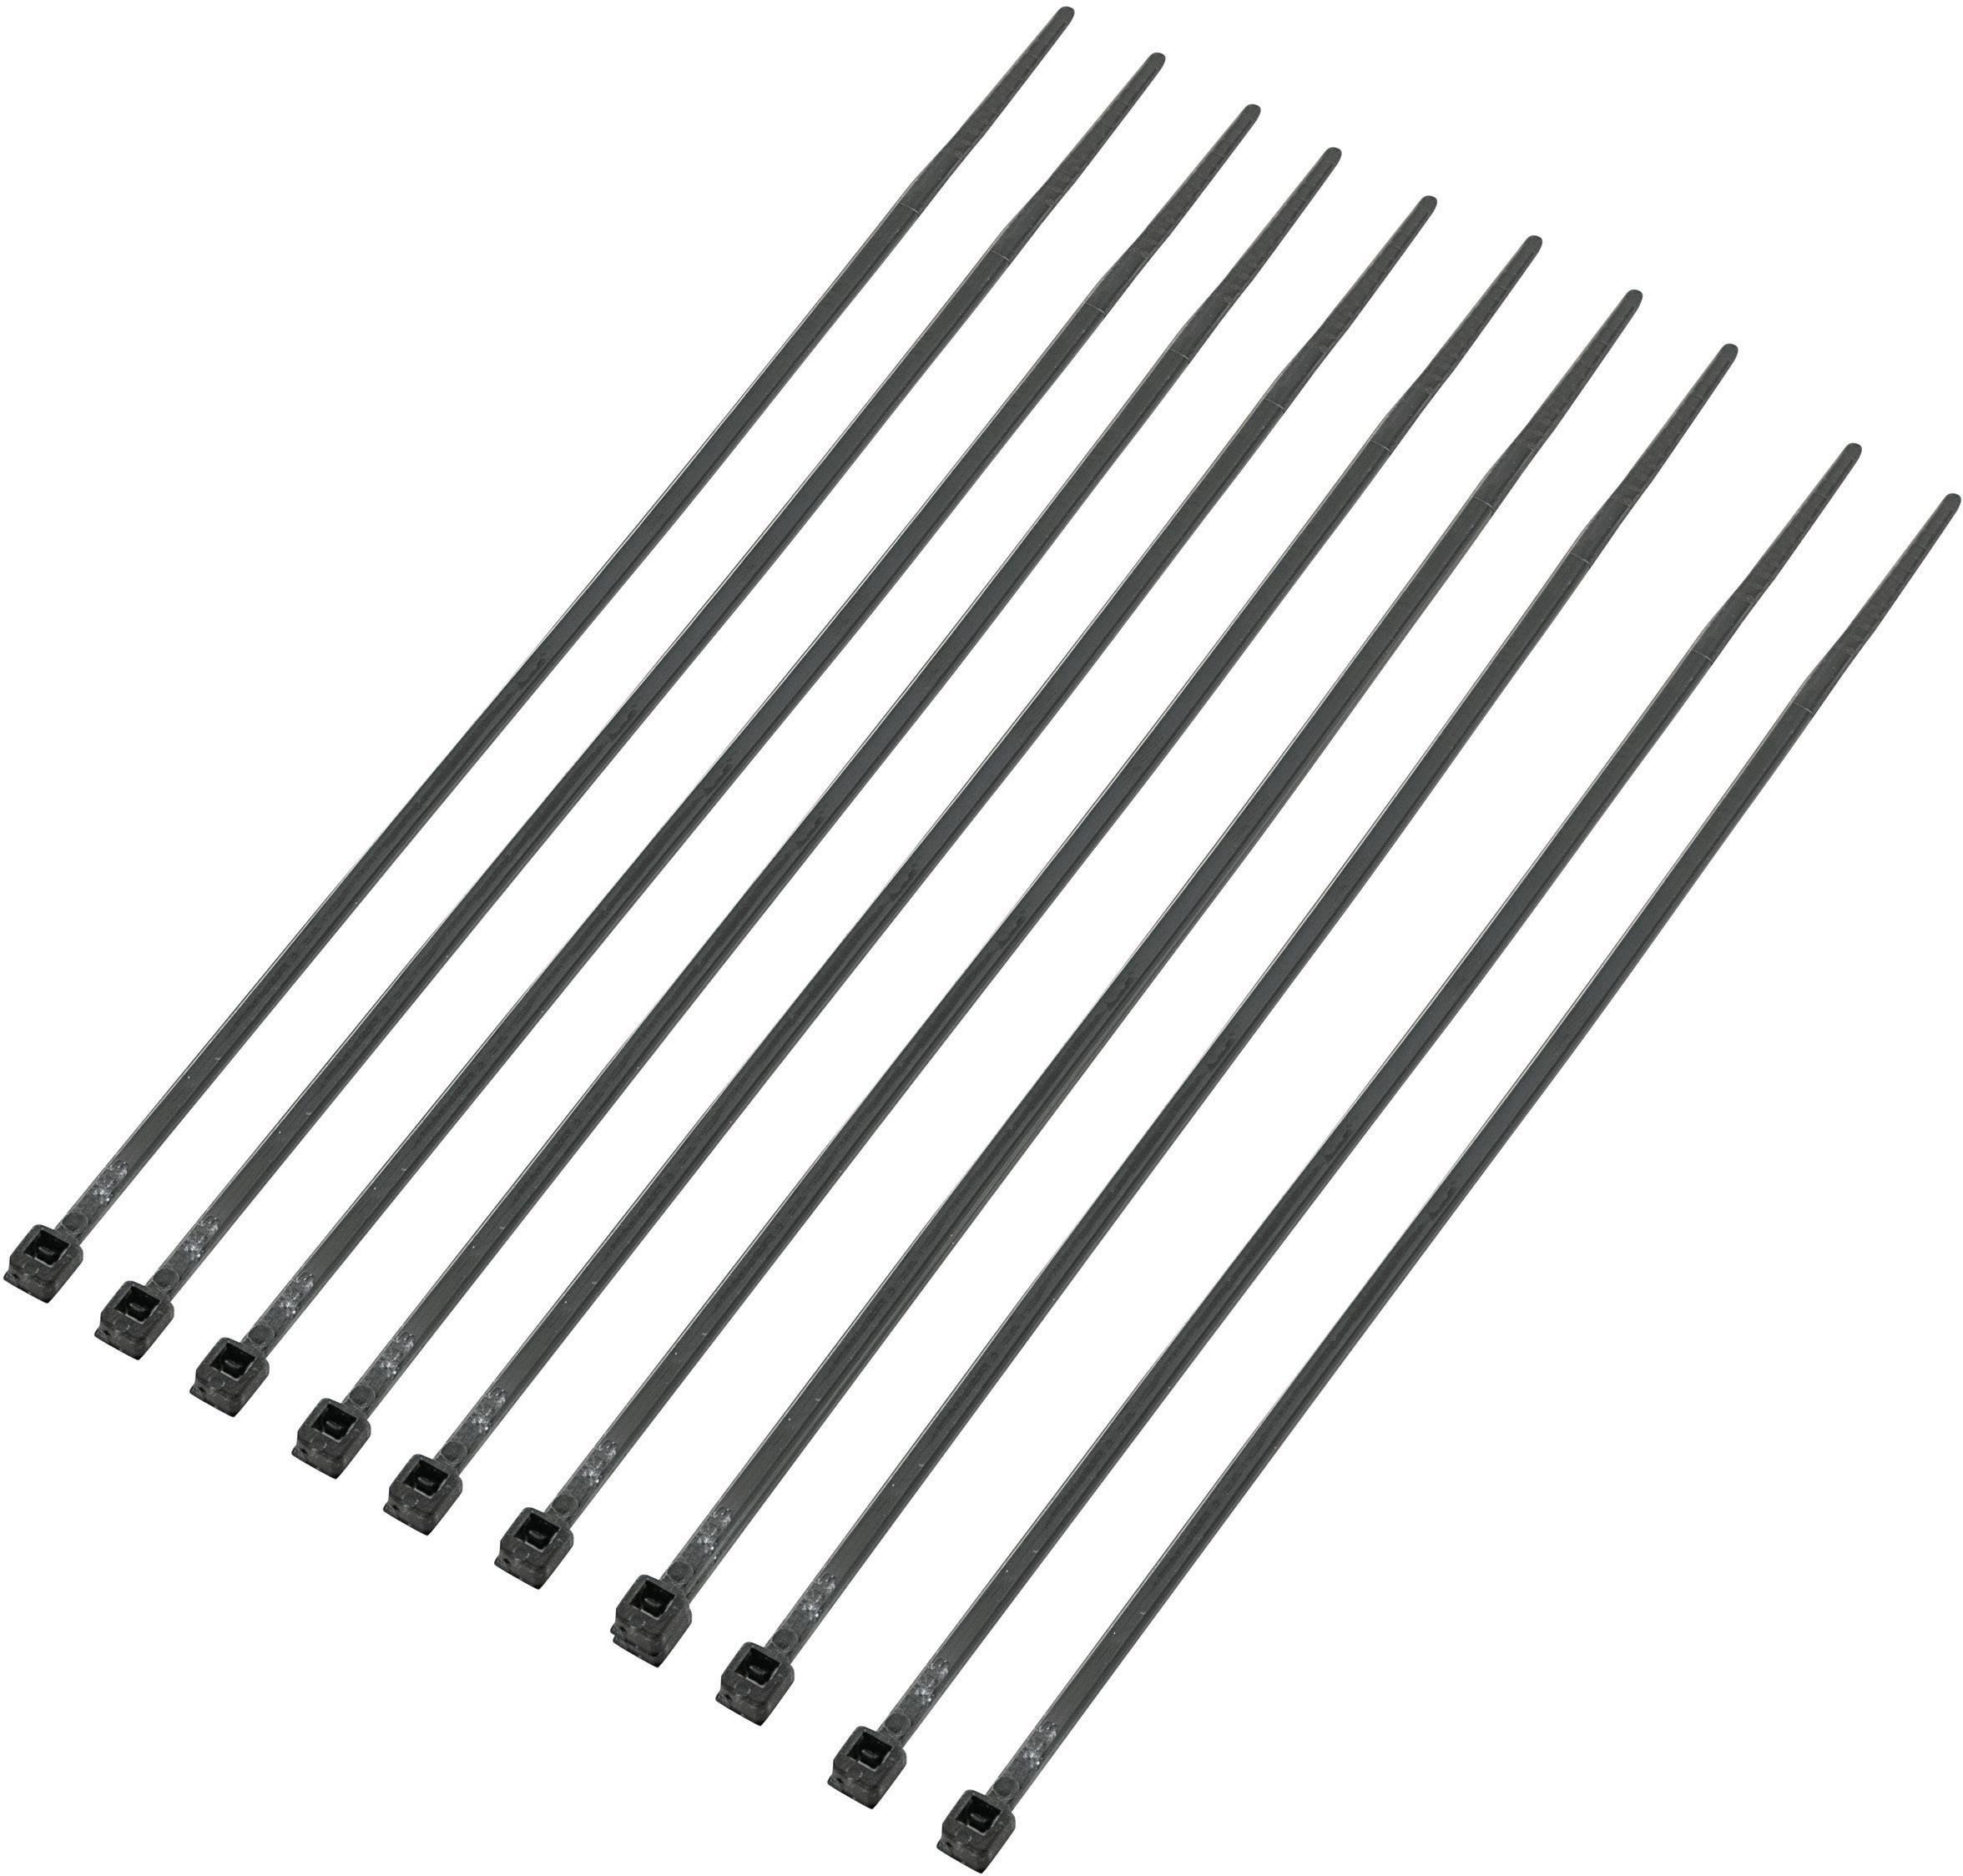 Standardna kabelska vezica z notranjimi zarezami (D x Š) 200 mm x 2.5 mm CV200MK naravna barva 1000 kosov, KSS